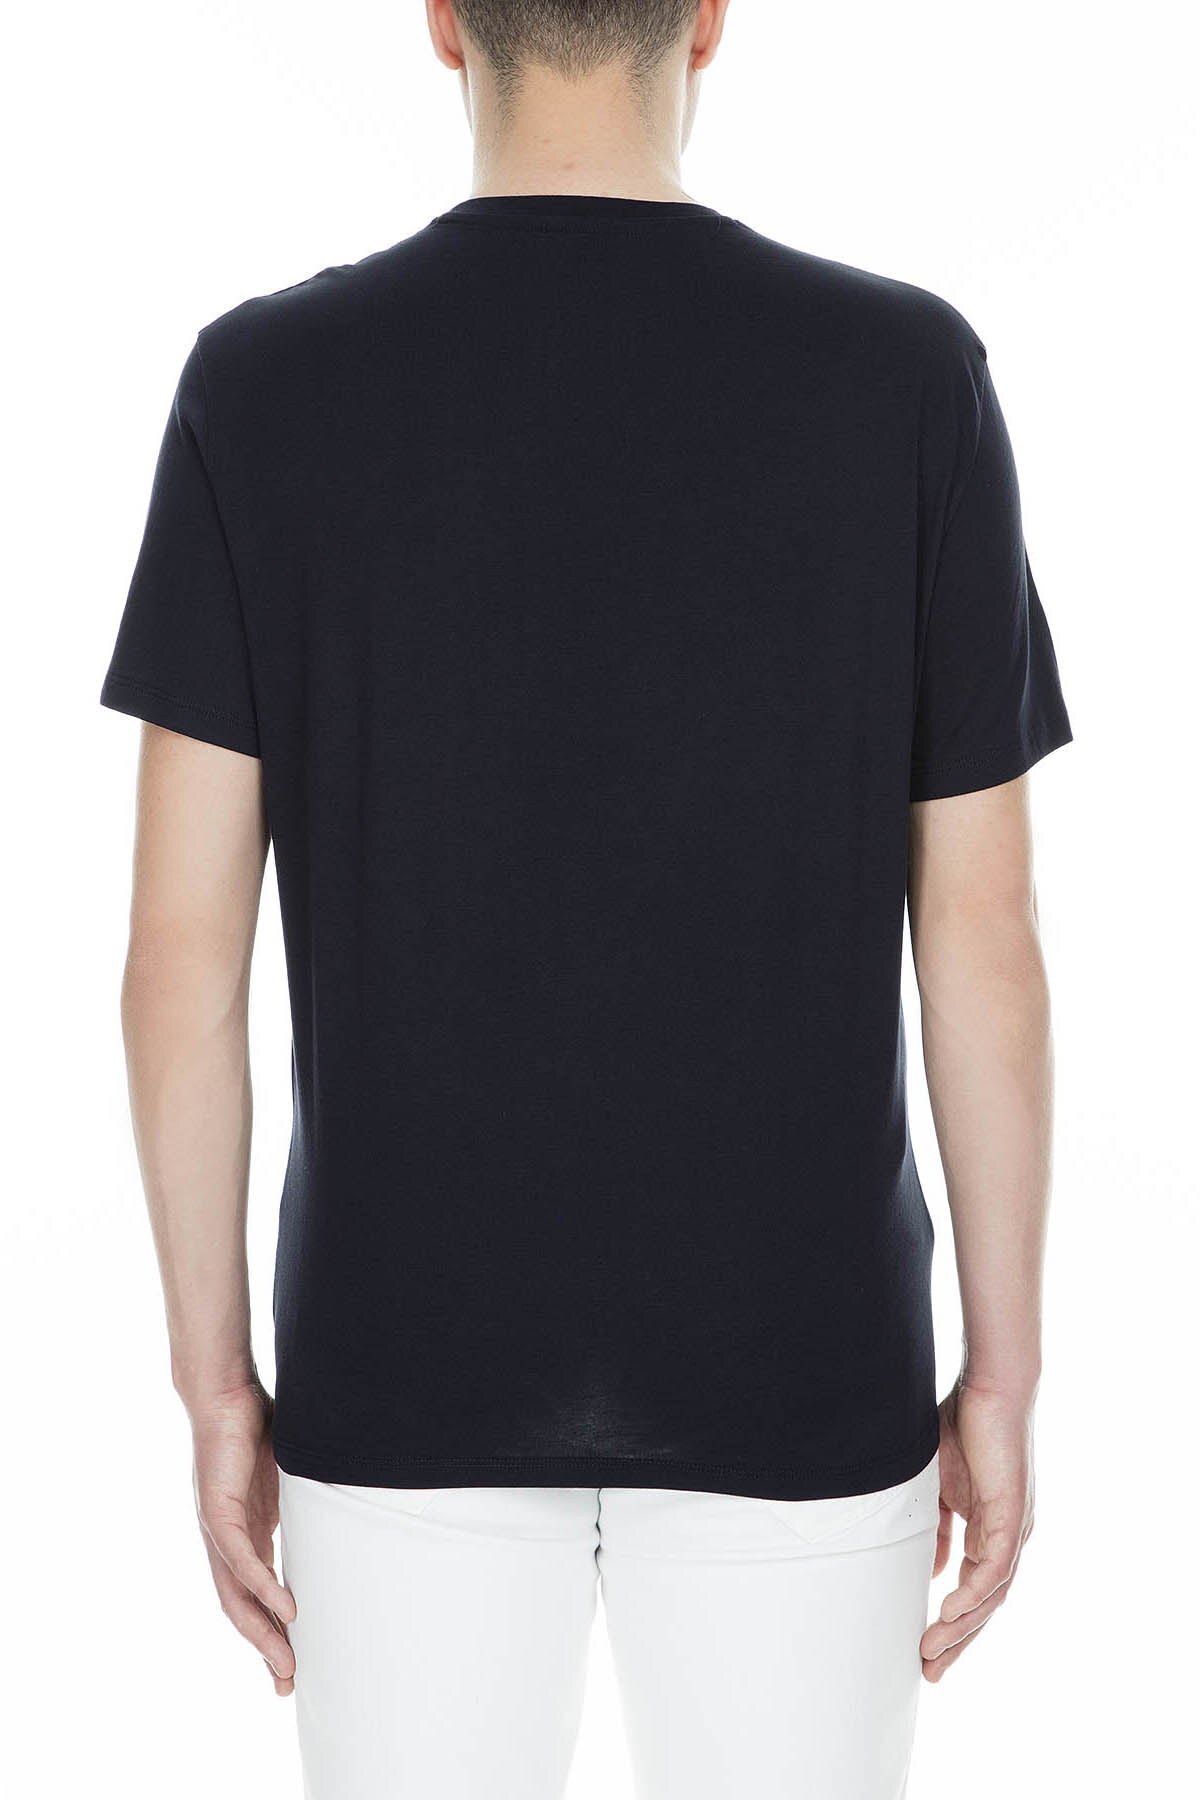 Armani Exchange Erkek T Shirt 3GZTFC ZJH4Z 1510 LACİVERT